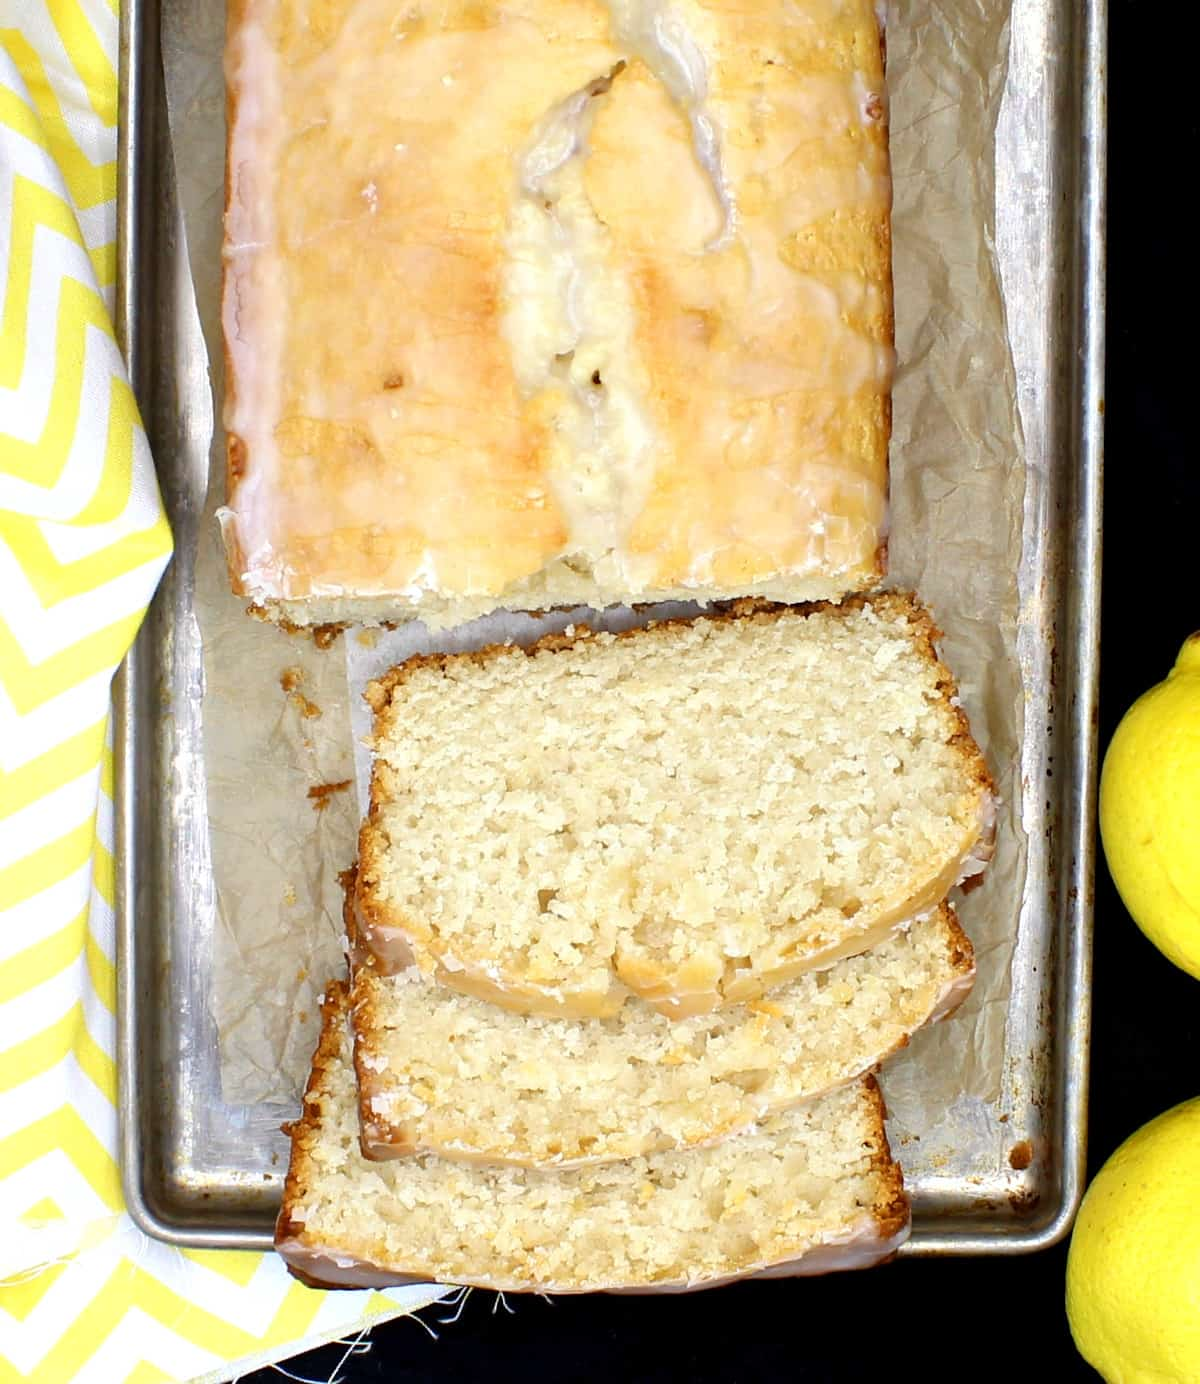 Um pedaço de bolo de limão vegano amanteigado em uma assadeira de metal com fatias cortadas na frente e mostrando o miolo denso e macio.  Ao lado estão limões e um guardanapo amarelo e branco.